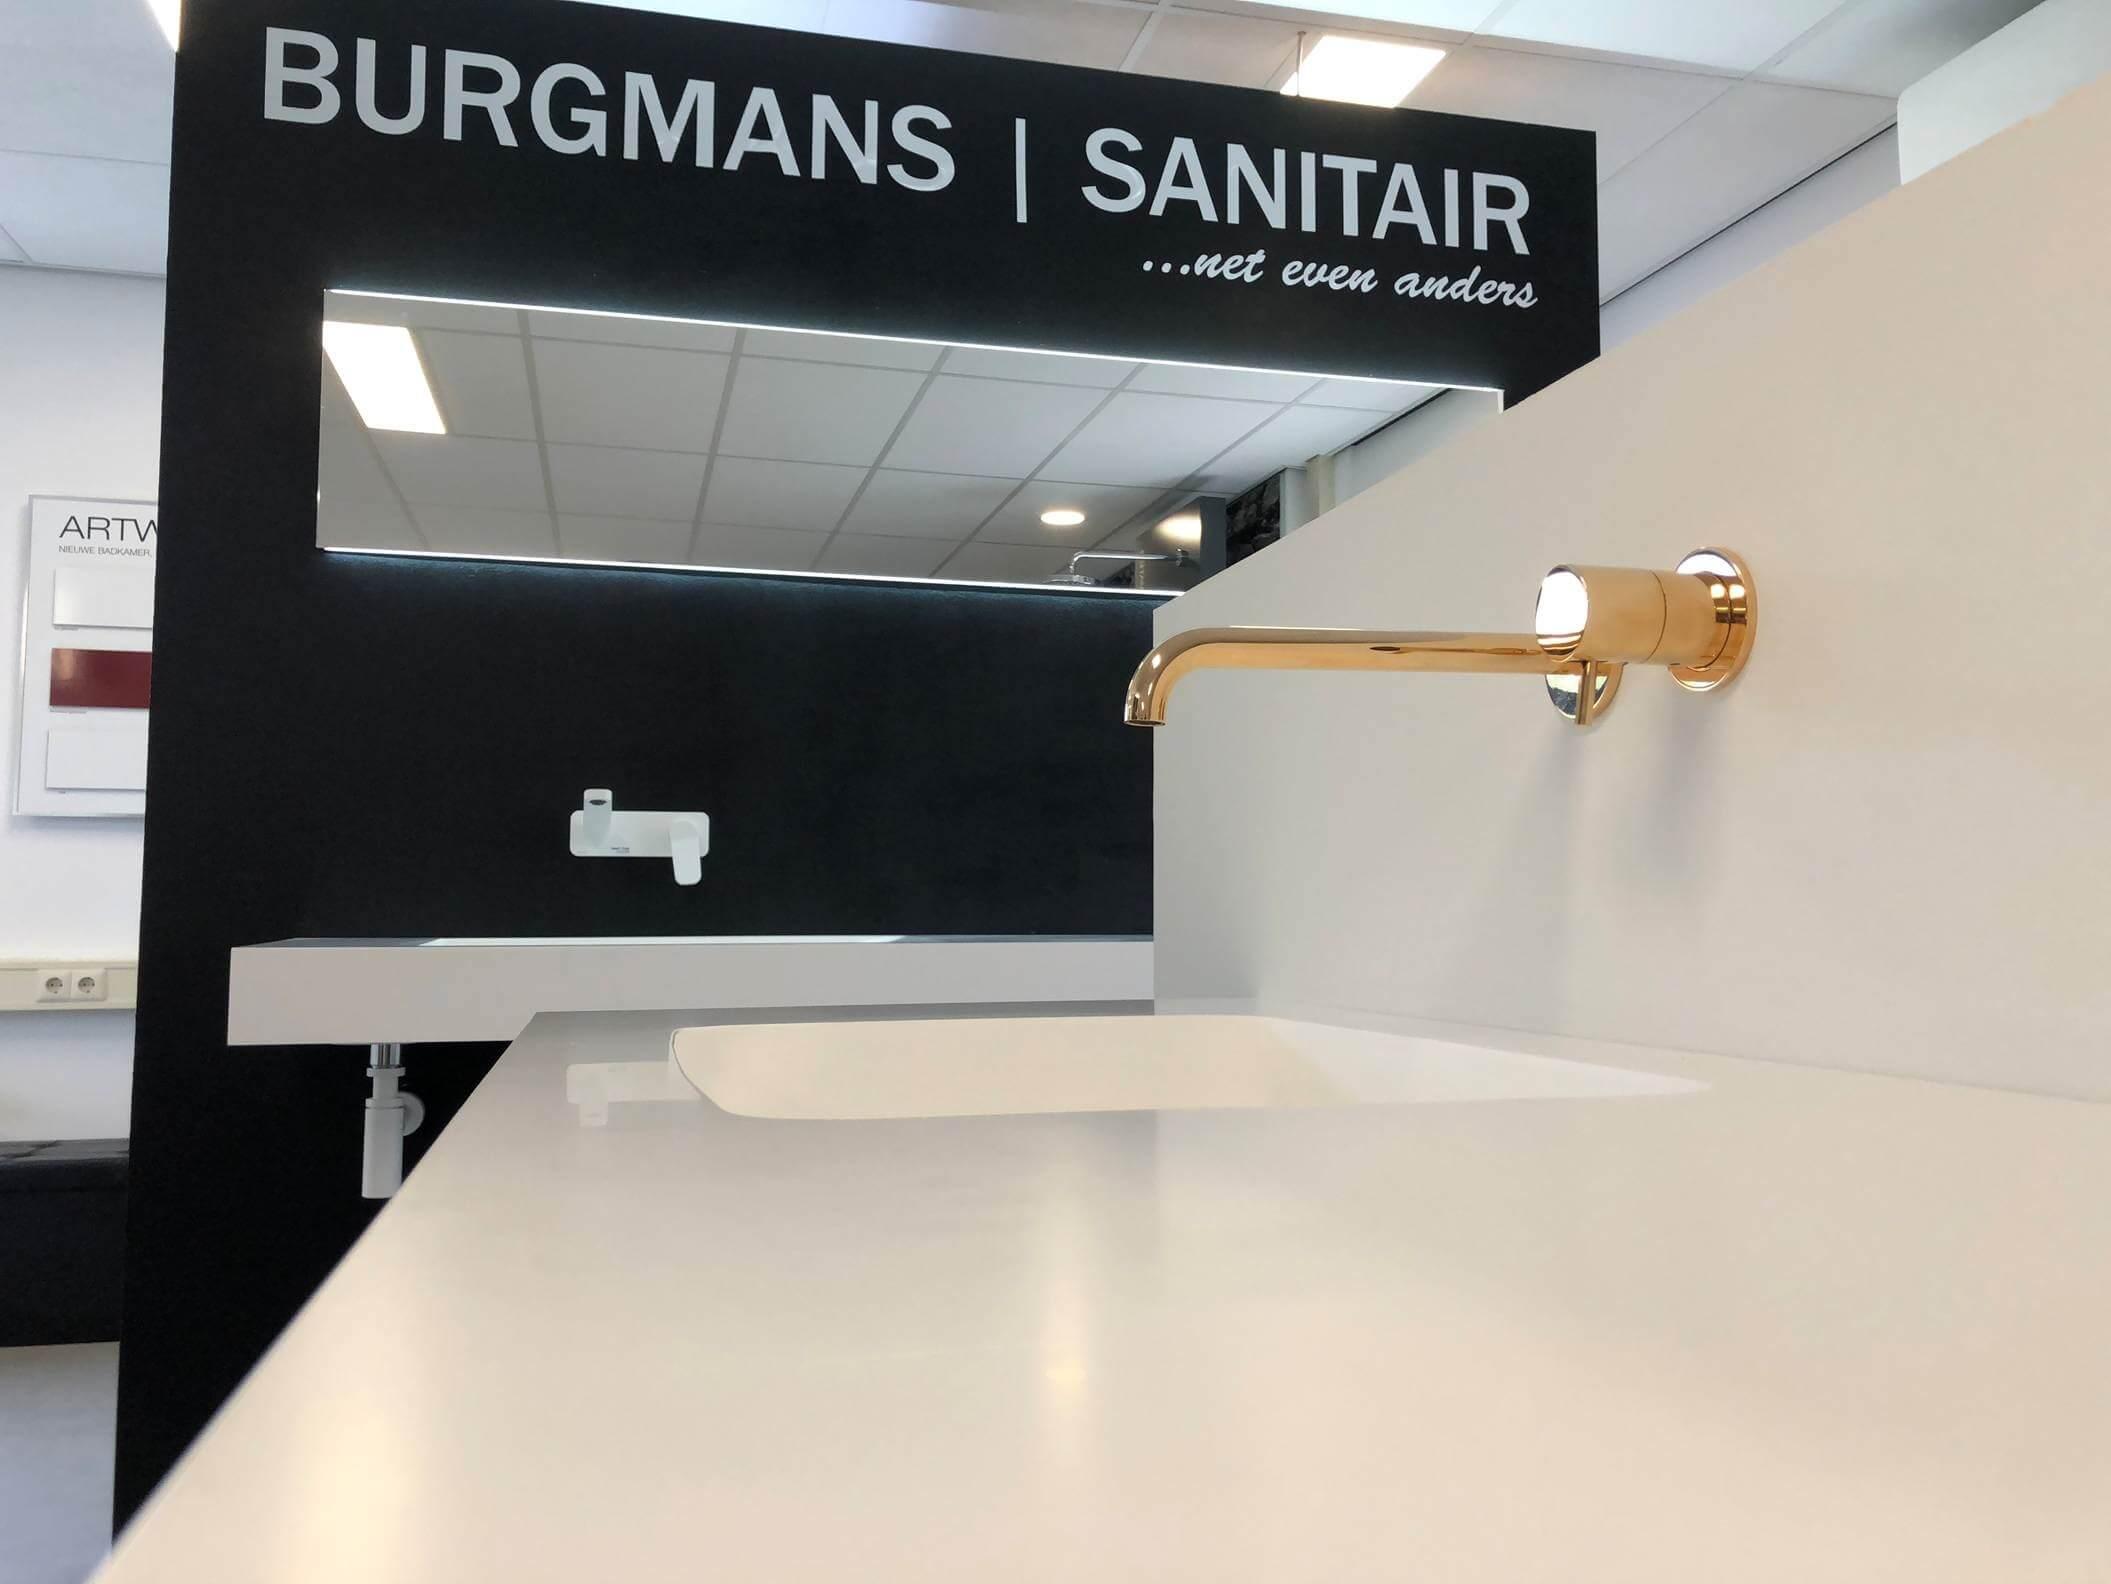 Badkamer Sanitair Merken : Burgmans sanitair in capelle aan den ijssel badkamer ideeën uw